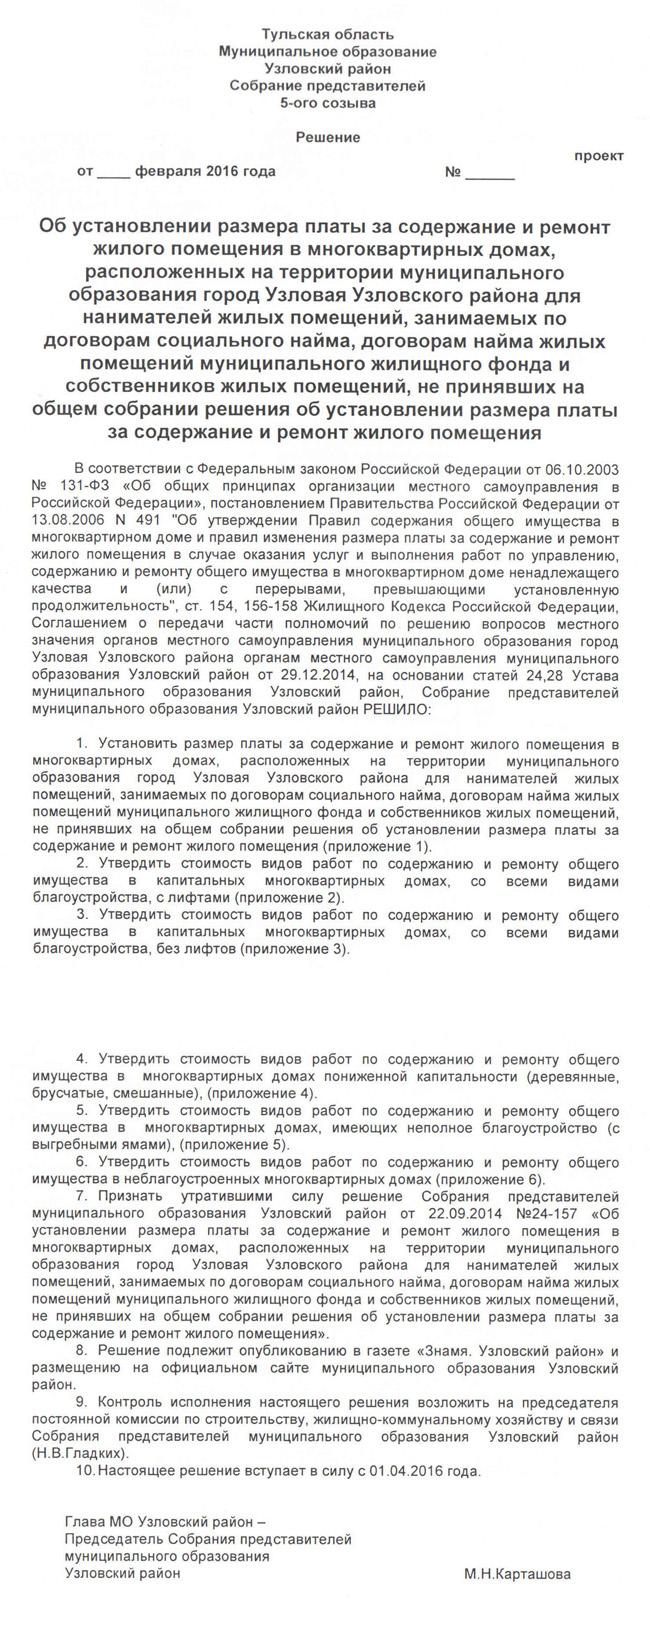 uzl-1